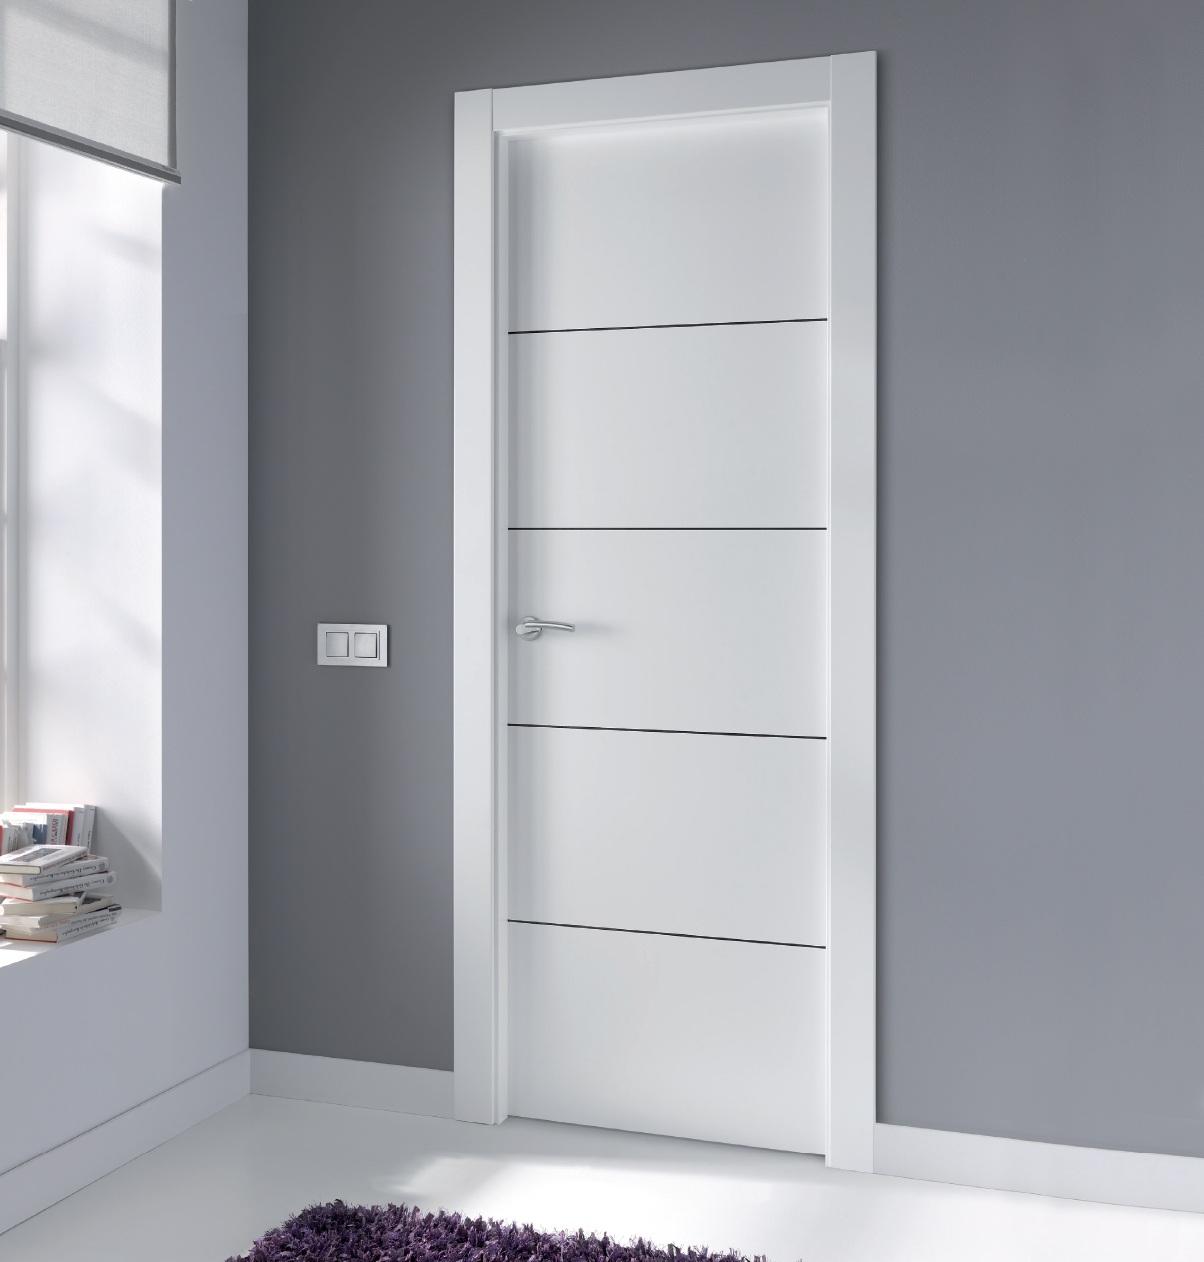 Puertas interior blancas puertas interior plafonadas with - Puertas blancas lacadas precios ...